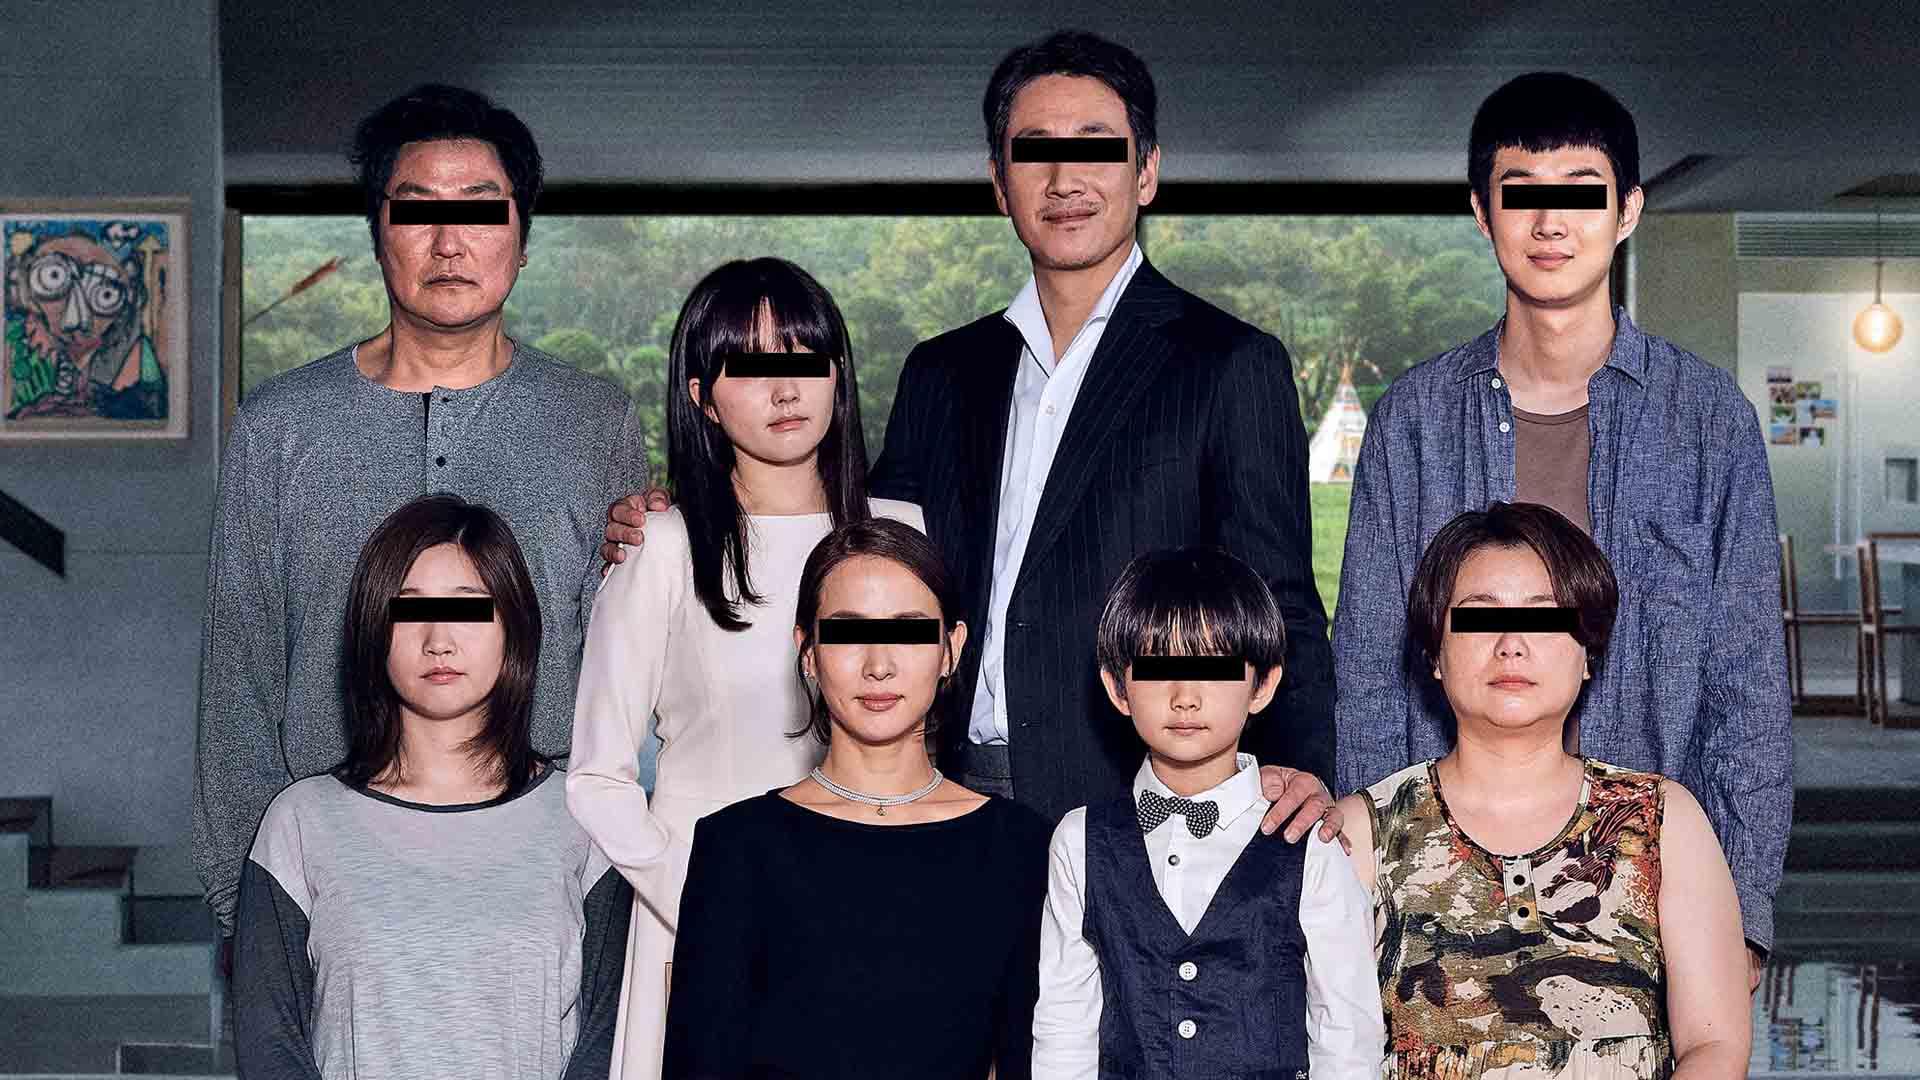 Il Governo decide per decreto qual è la vera famiglia